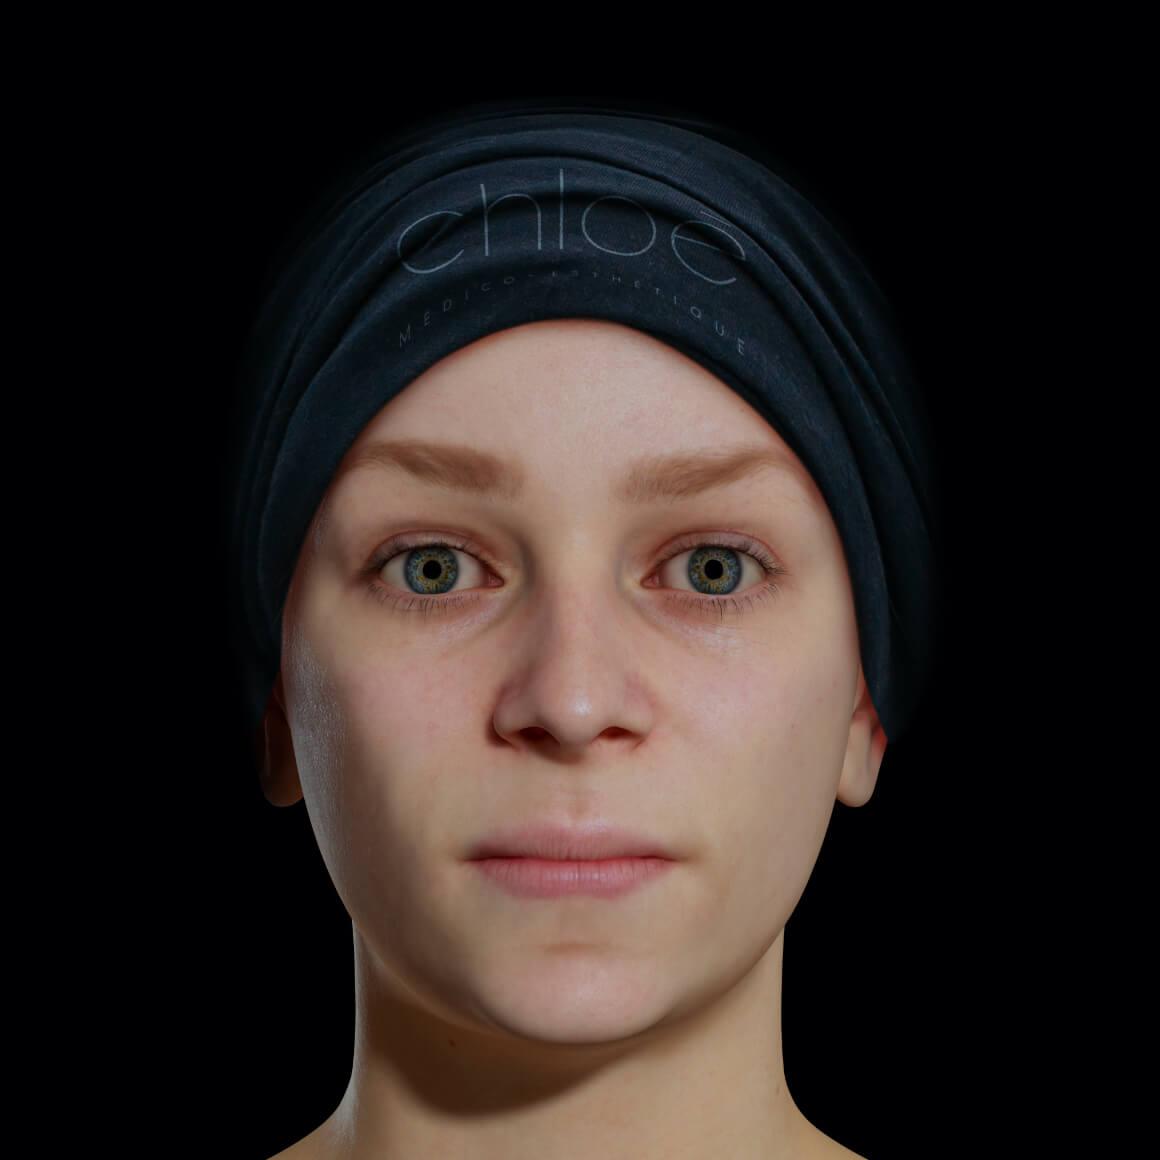 Une patiente de la Clinique Chloé avec une mâchoire peu définie vue de face